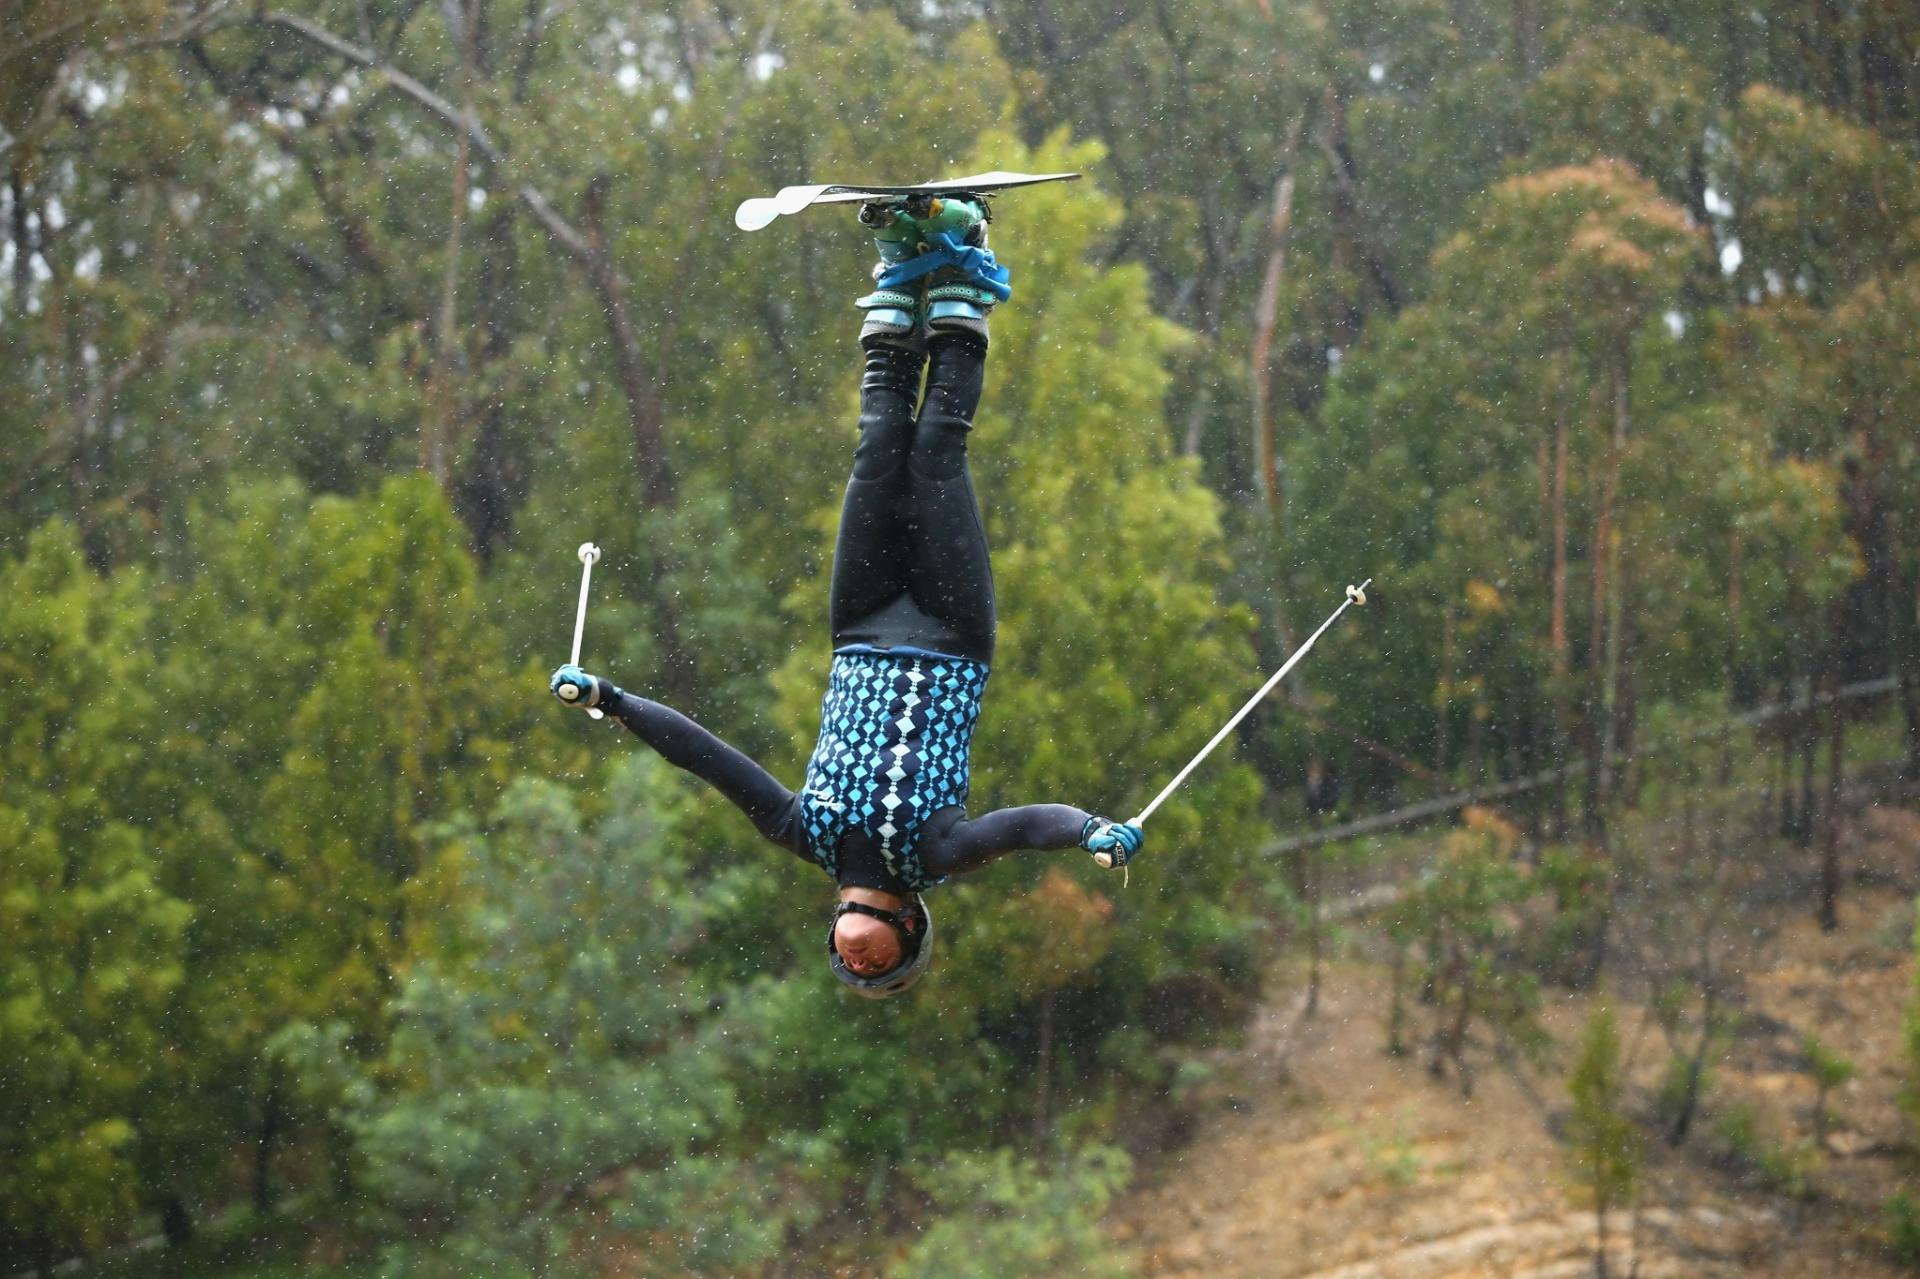 Britt Cox, de apenas 19 anos, faz acrobacias em um lago durante atividade da seleção australiana de Esqui, em Melbourne; ela treina com o restante dos atletas da modalidade Freestyle (Estilo livre) para as Olimpíadas de Inverno da Rússia, que acontecera na cidade de Sochi, em 2014